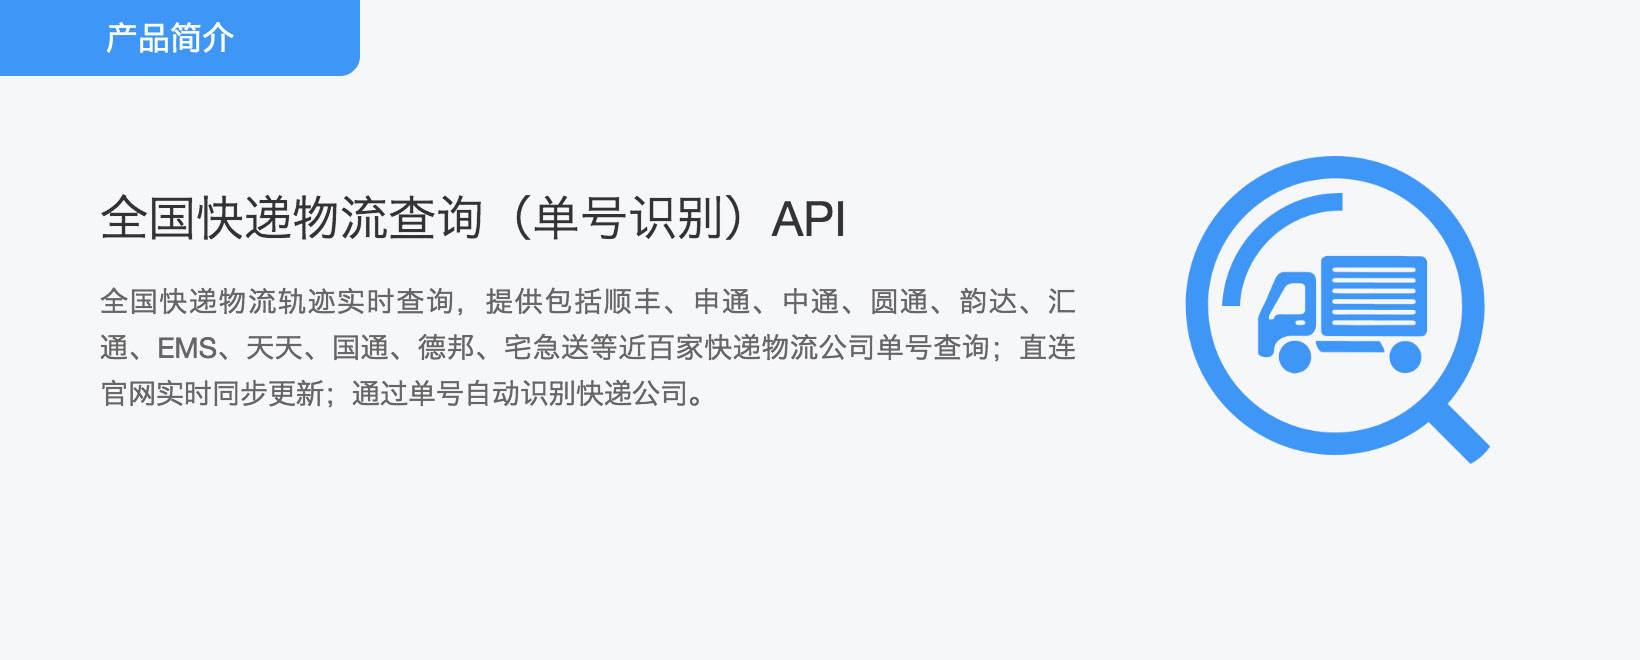 全国快递物流查询(单号识别),快递包裹物流信息查询API